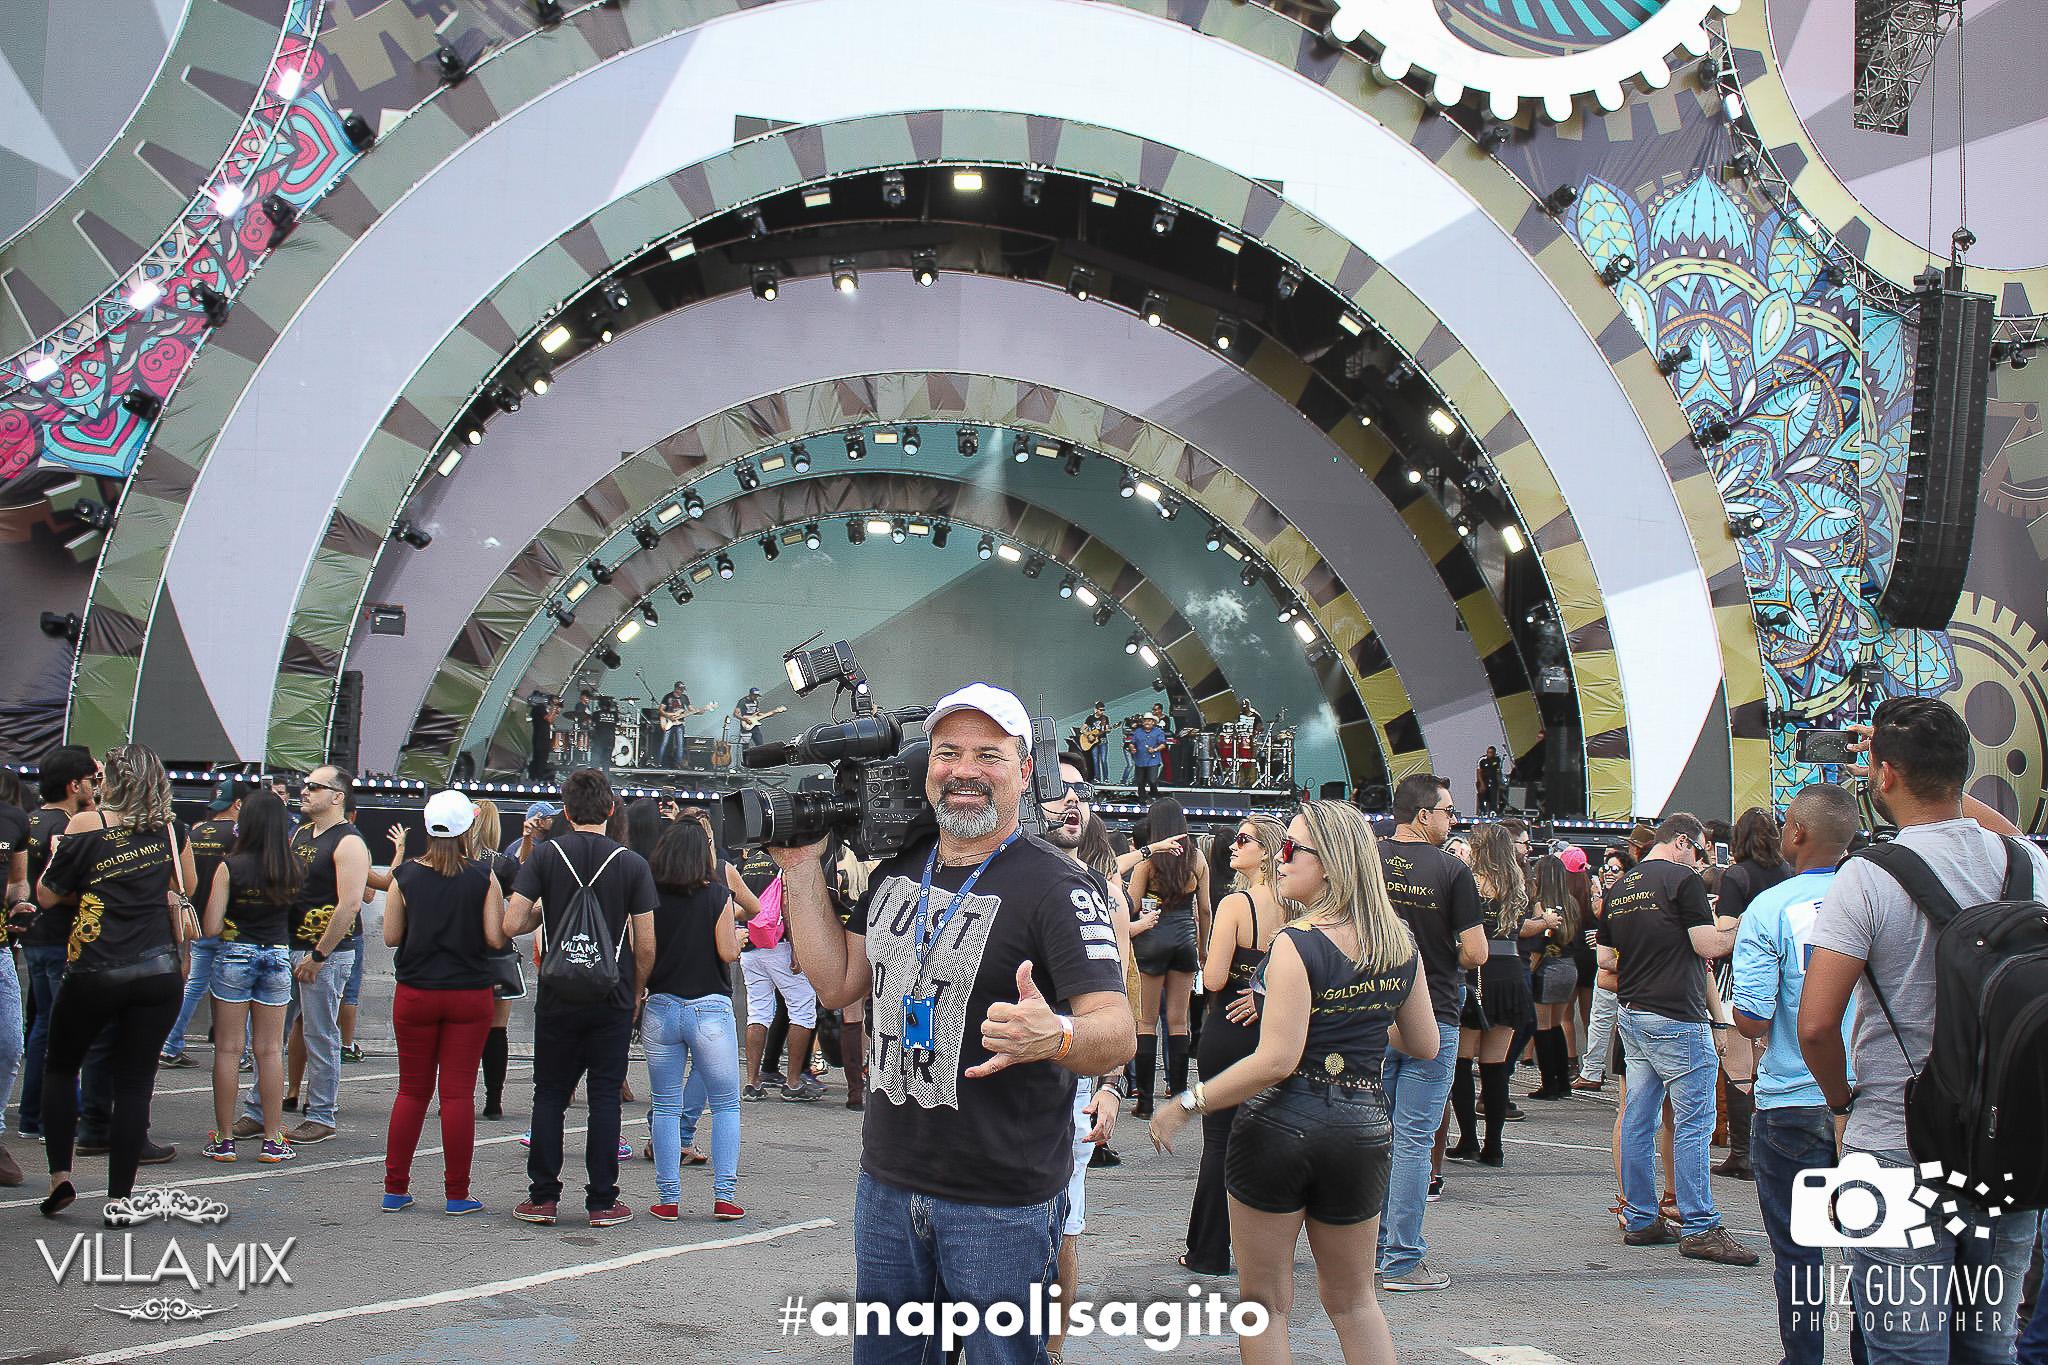 Luiz Gustavo Photographer (9 de 327)